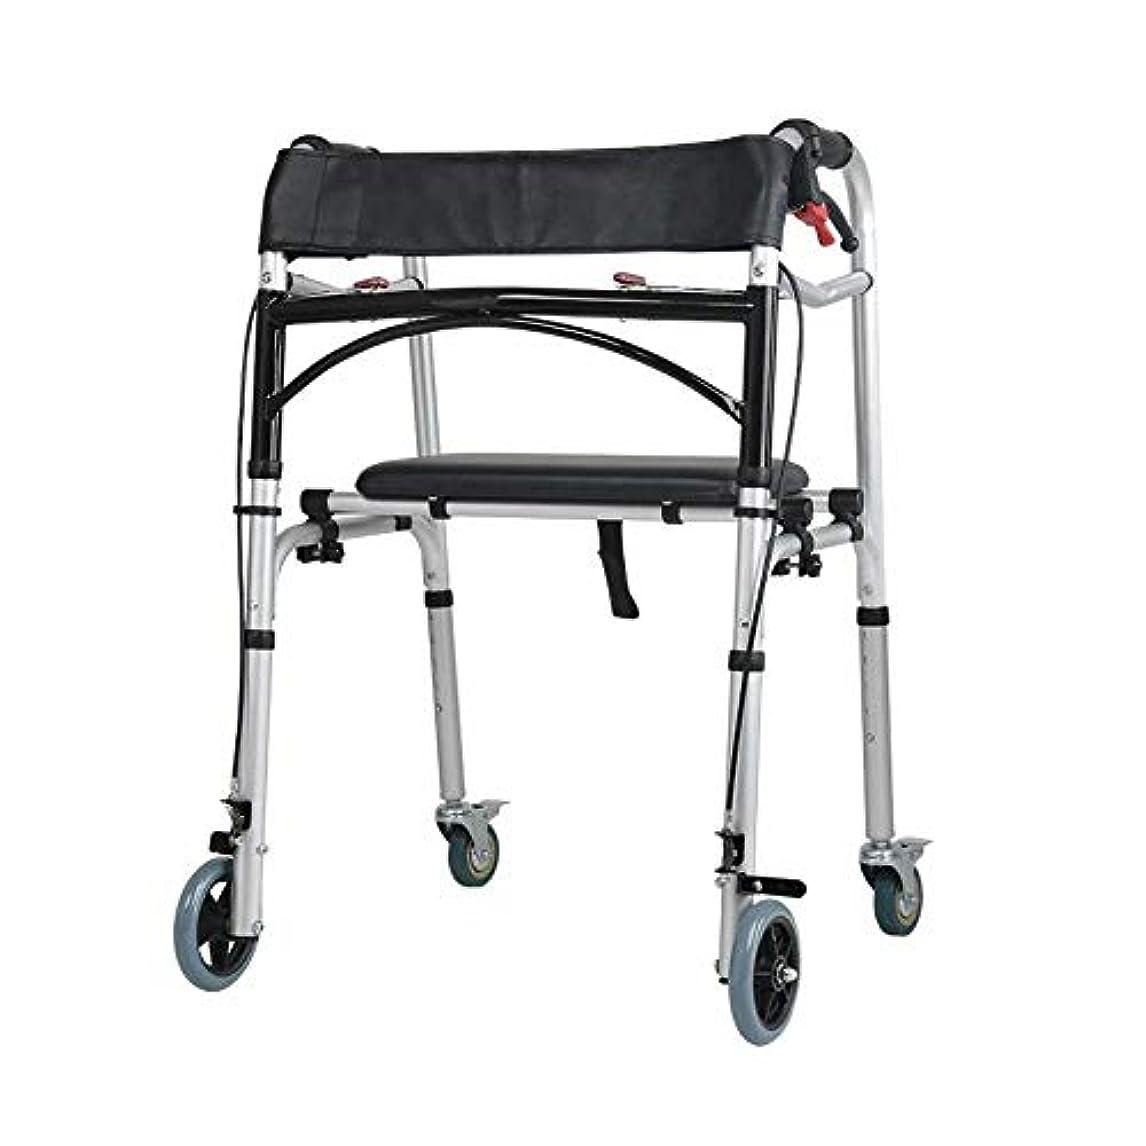 大腿バリケード遺体安置所キャリングハンドルとフリップシート、多機能高齢者歩行杖4脚アンチスリップチェアスツール付き2輪ウォーキングフレーム (Color : 黒)